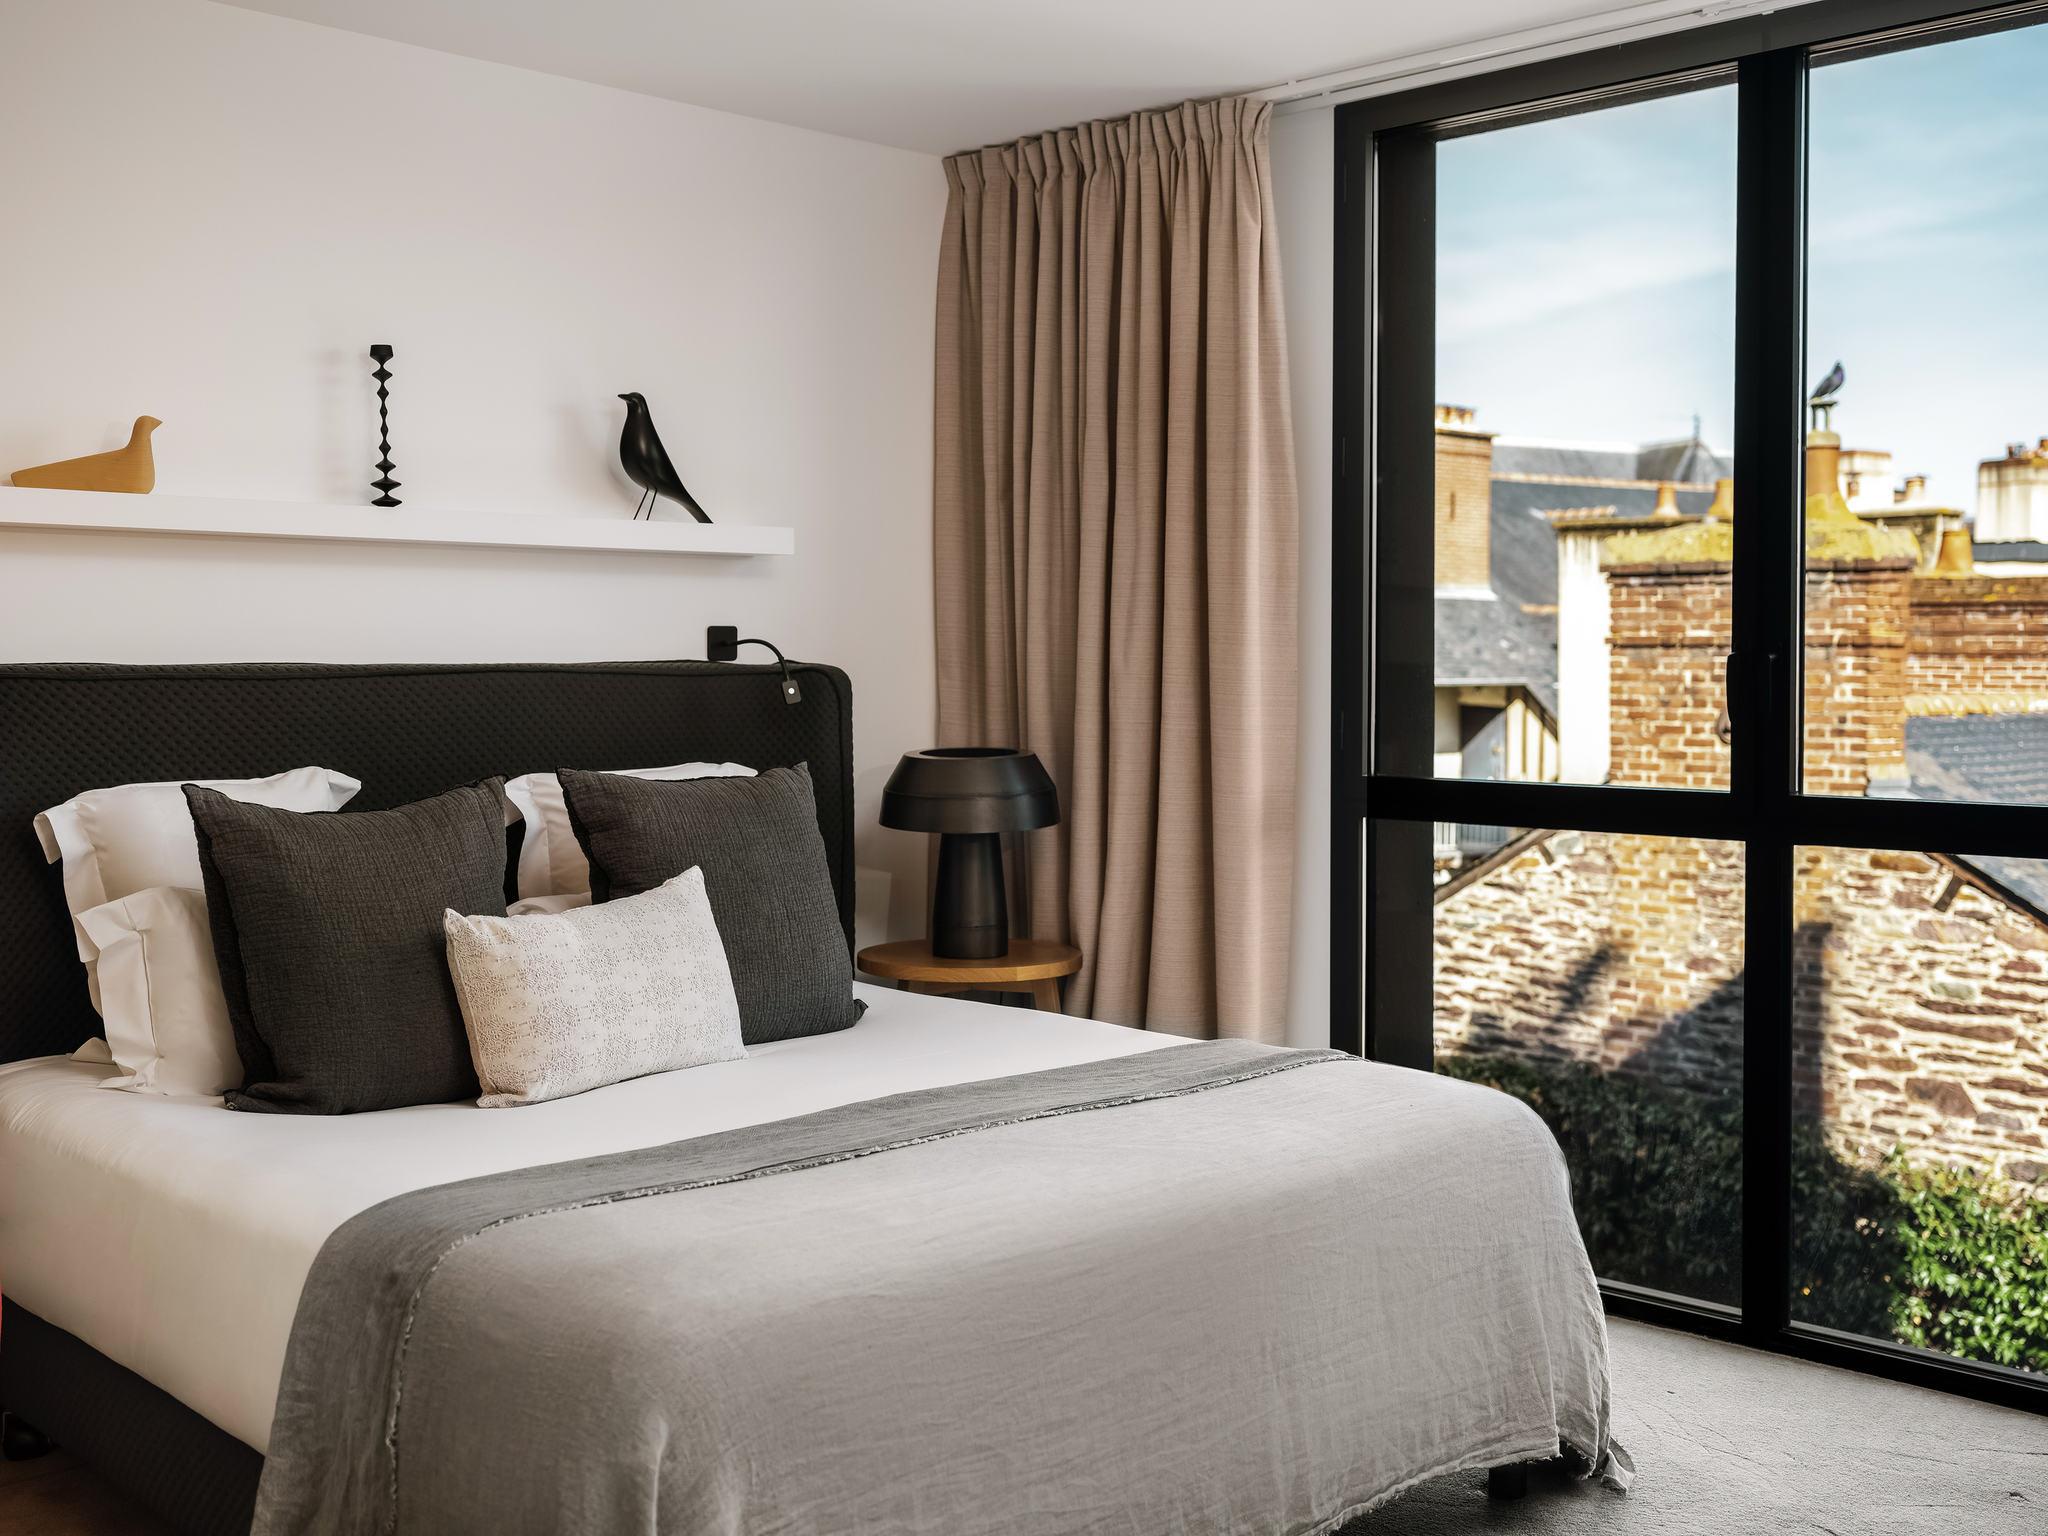 酒店 – 美憬阁索菲特雷恩巴尔萨泽水疗酒店